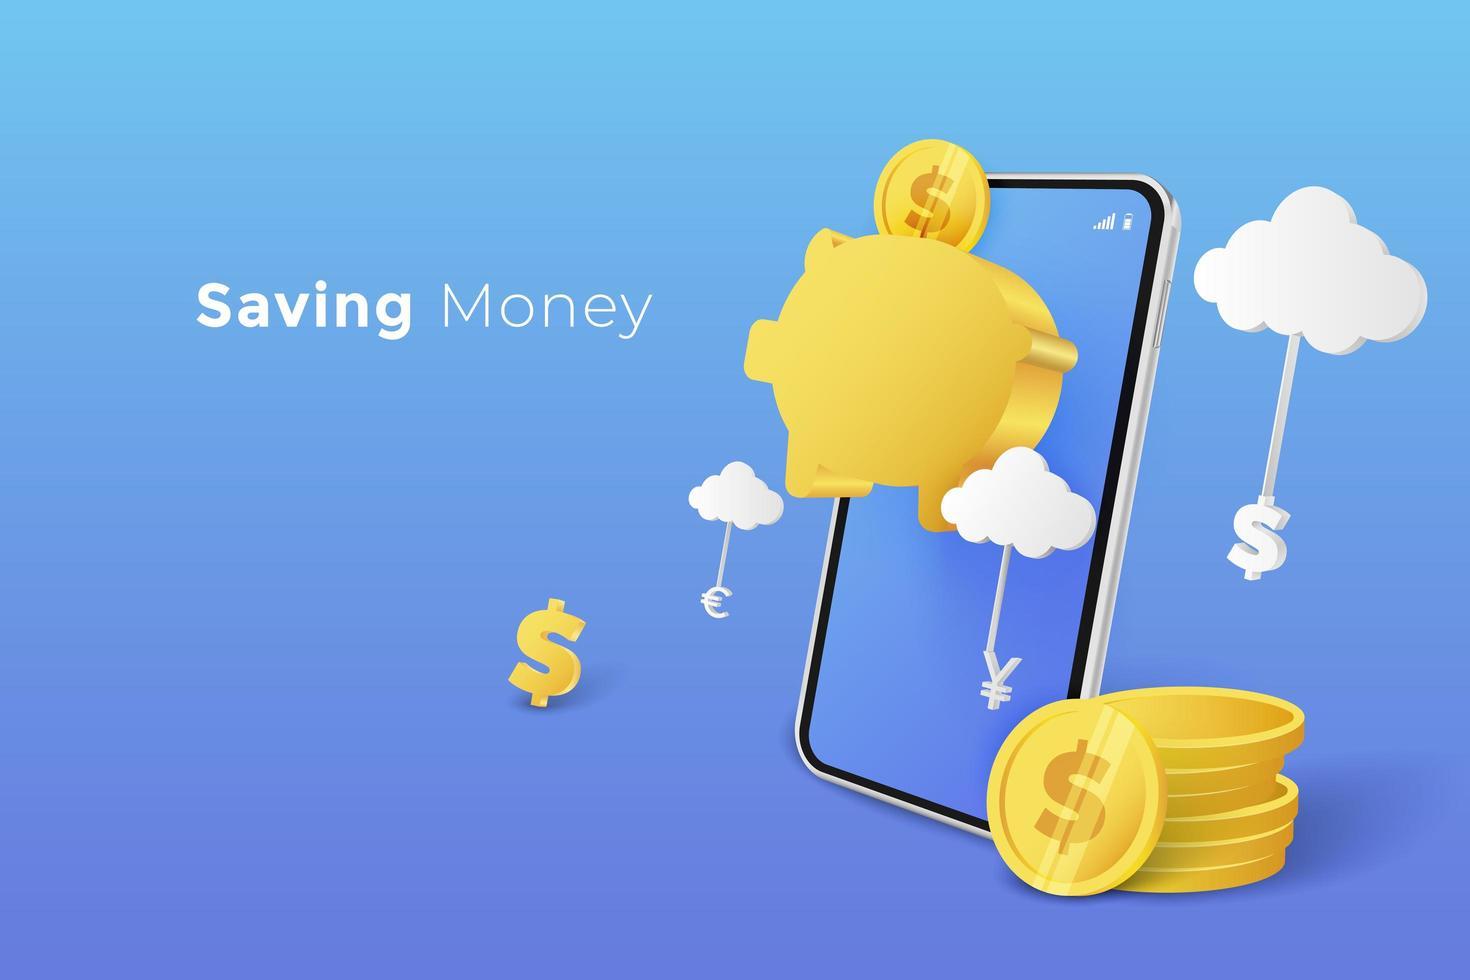 ahorrar dinero en la hucha con teléfono inteligente vector